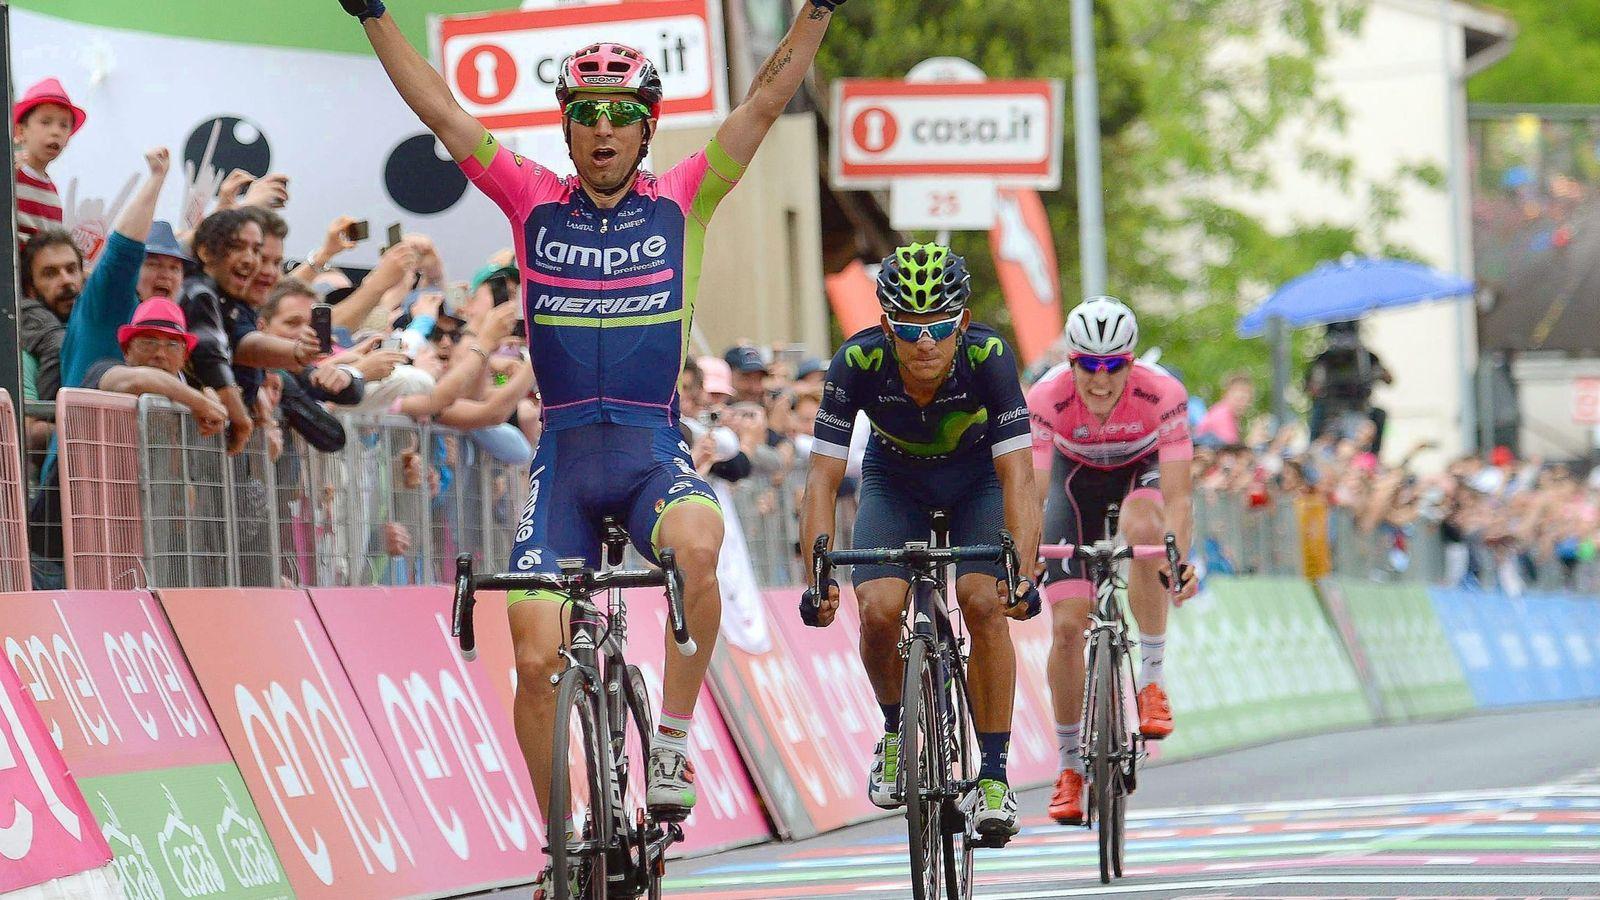 Foto: Ulissi ya ha ganado dos etapas en la presente edición del Giro (Luca Zennaro/EFE)